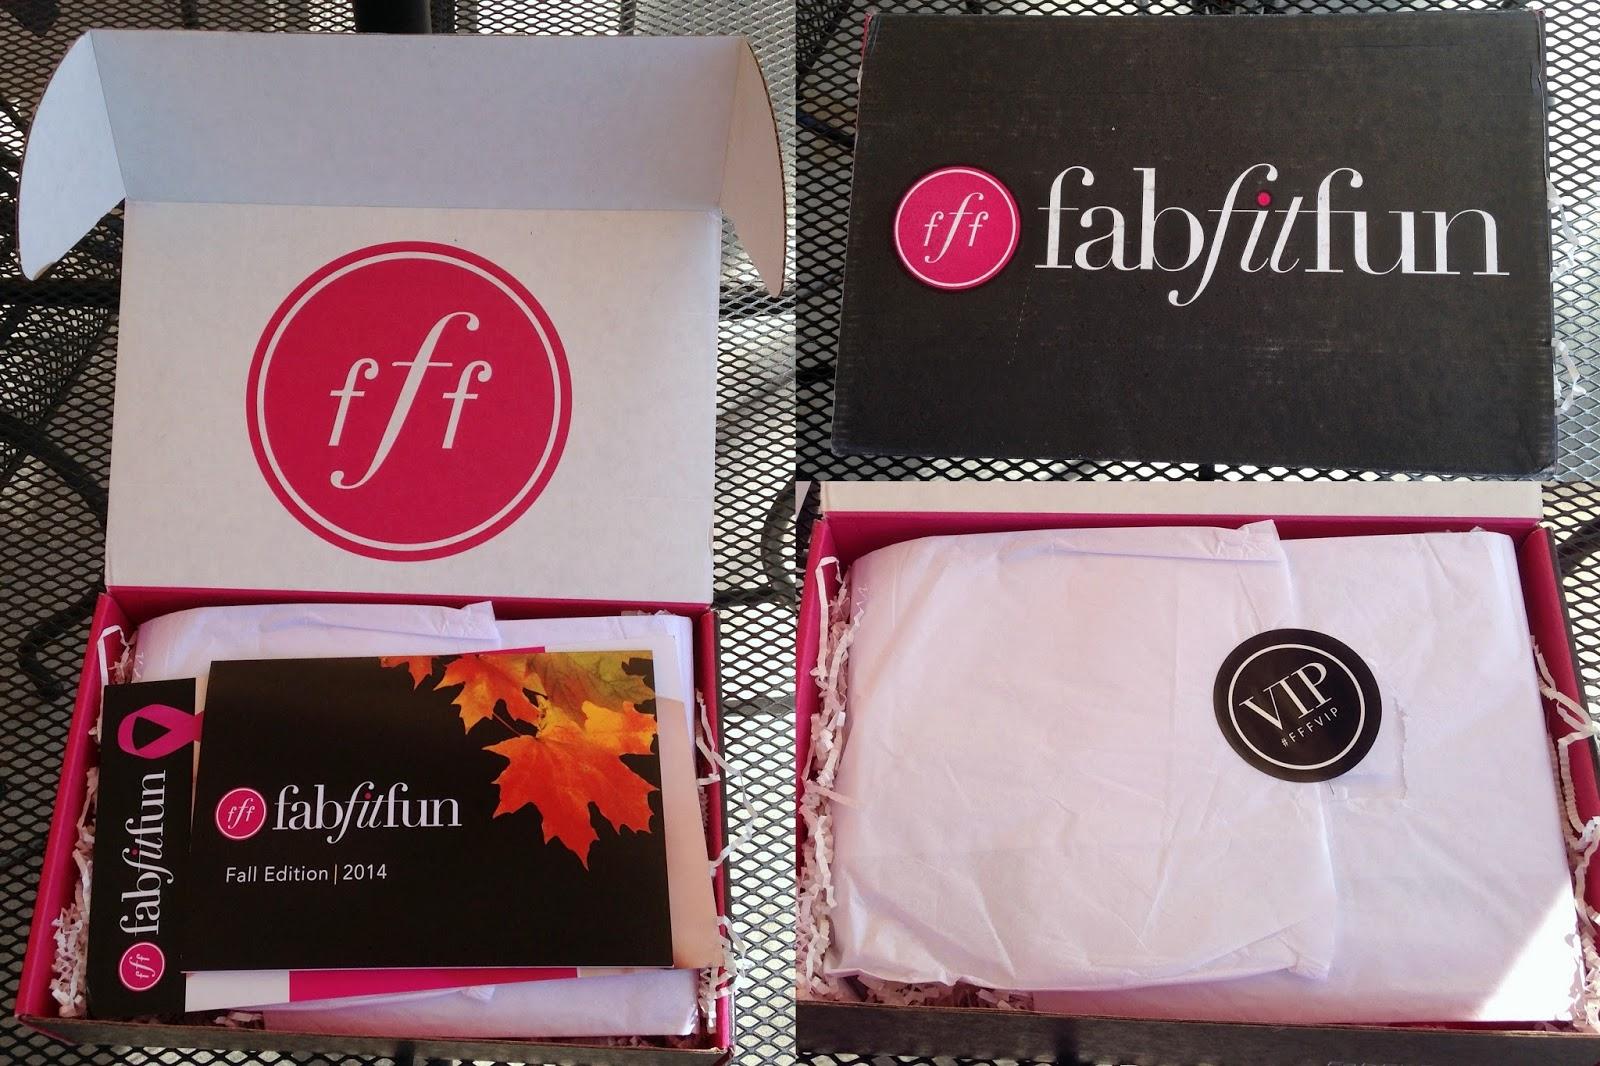 FitFabFun VIP Fall Box Review + $10 off Coupon Code!